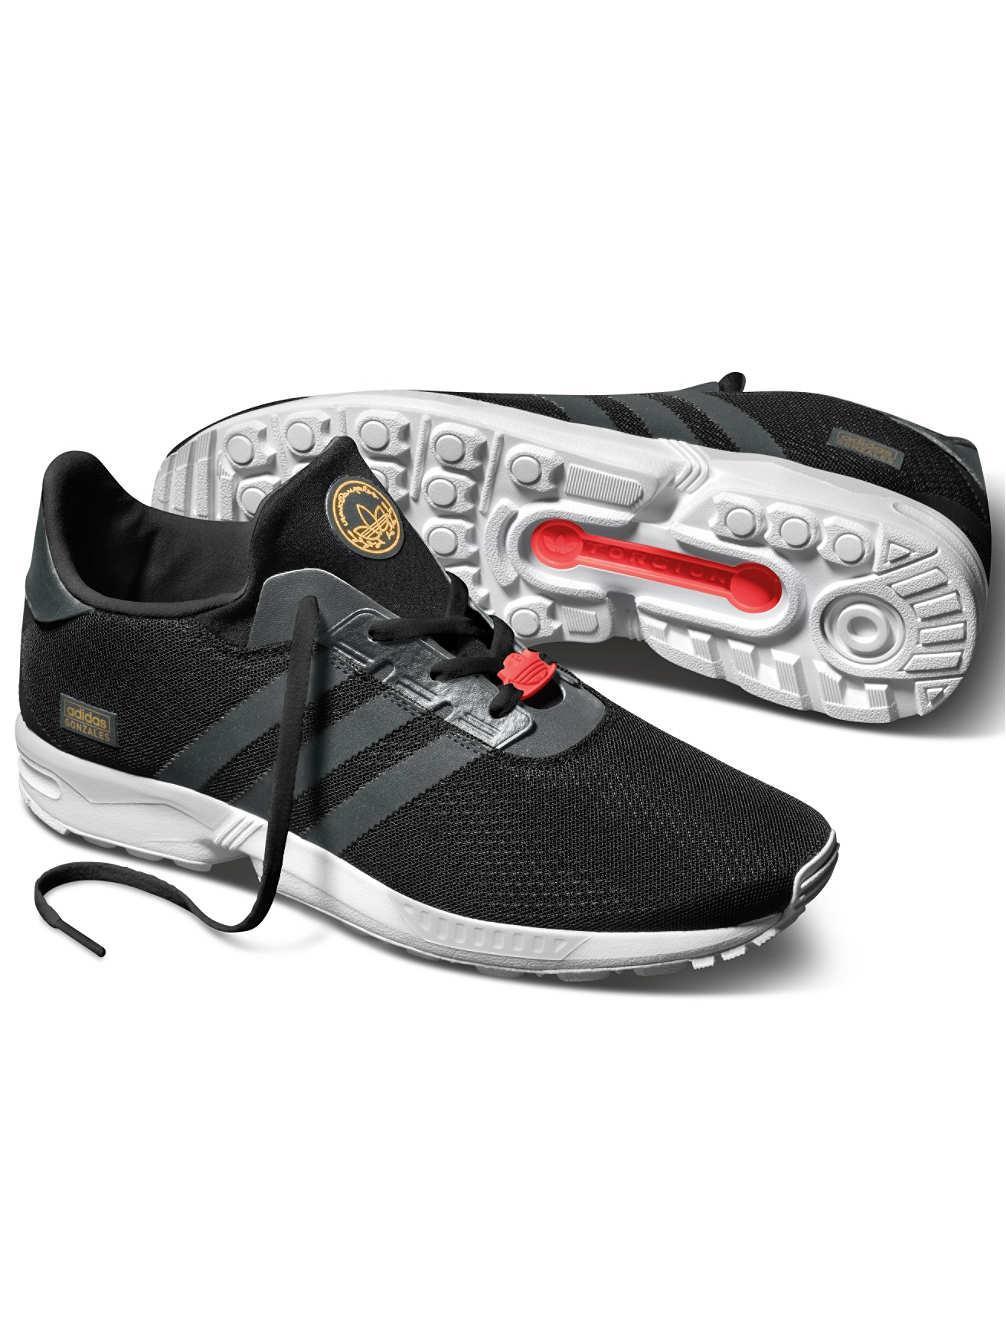 Sélections de chaussures Nike Trainerendor / Adidas ZX (différents modèles et tailles)